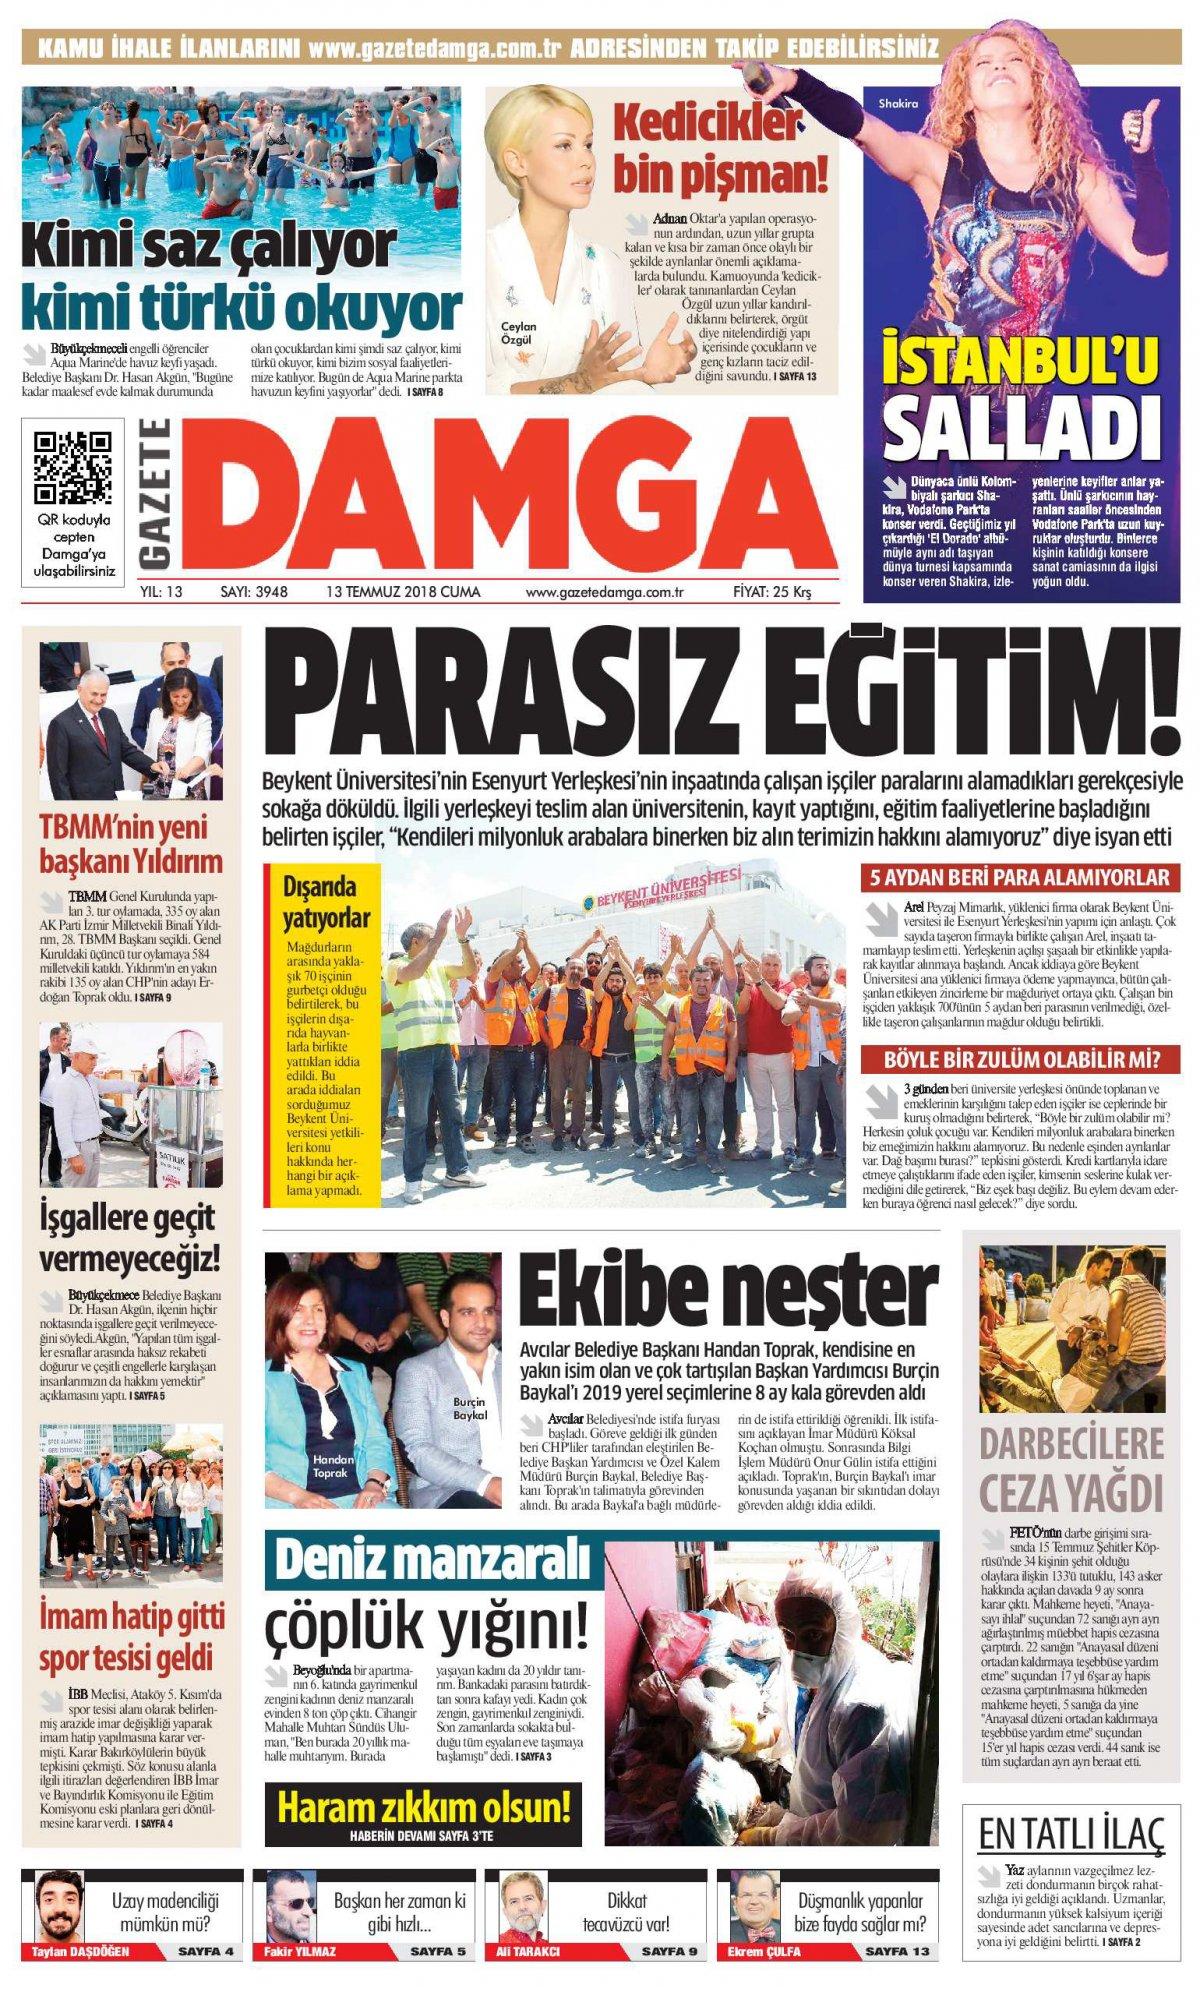 Gazete Damga - 13.07.2018 Manşeti